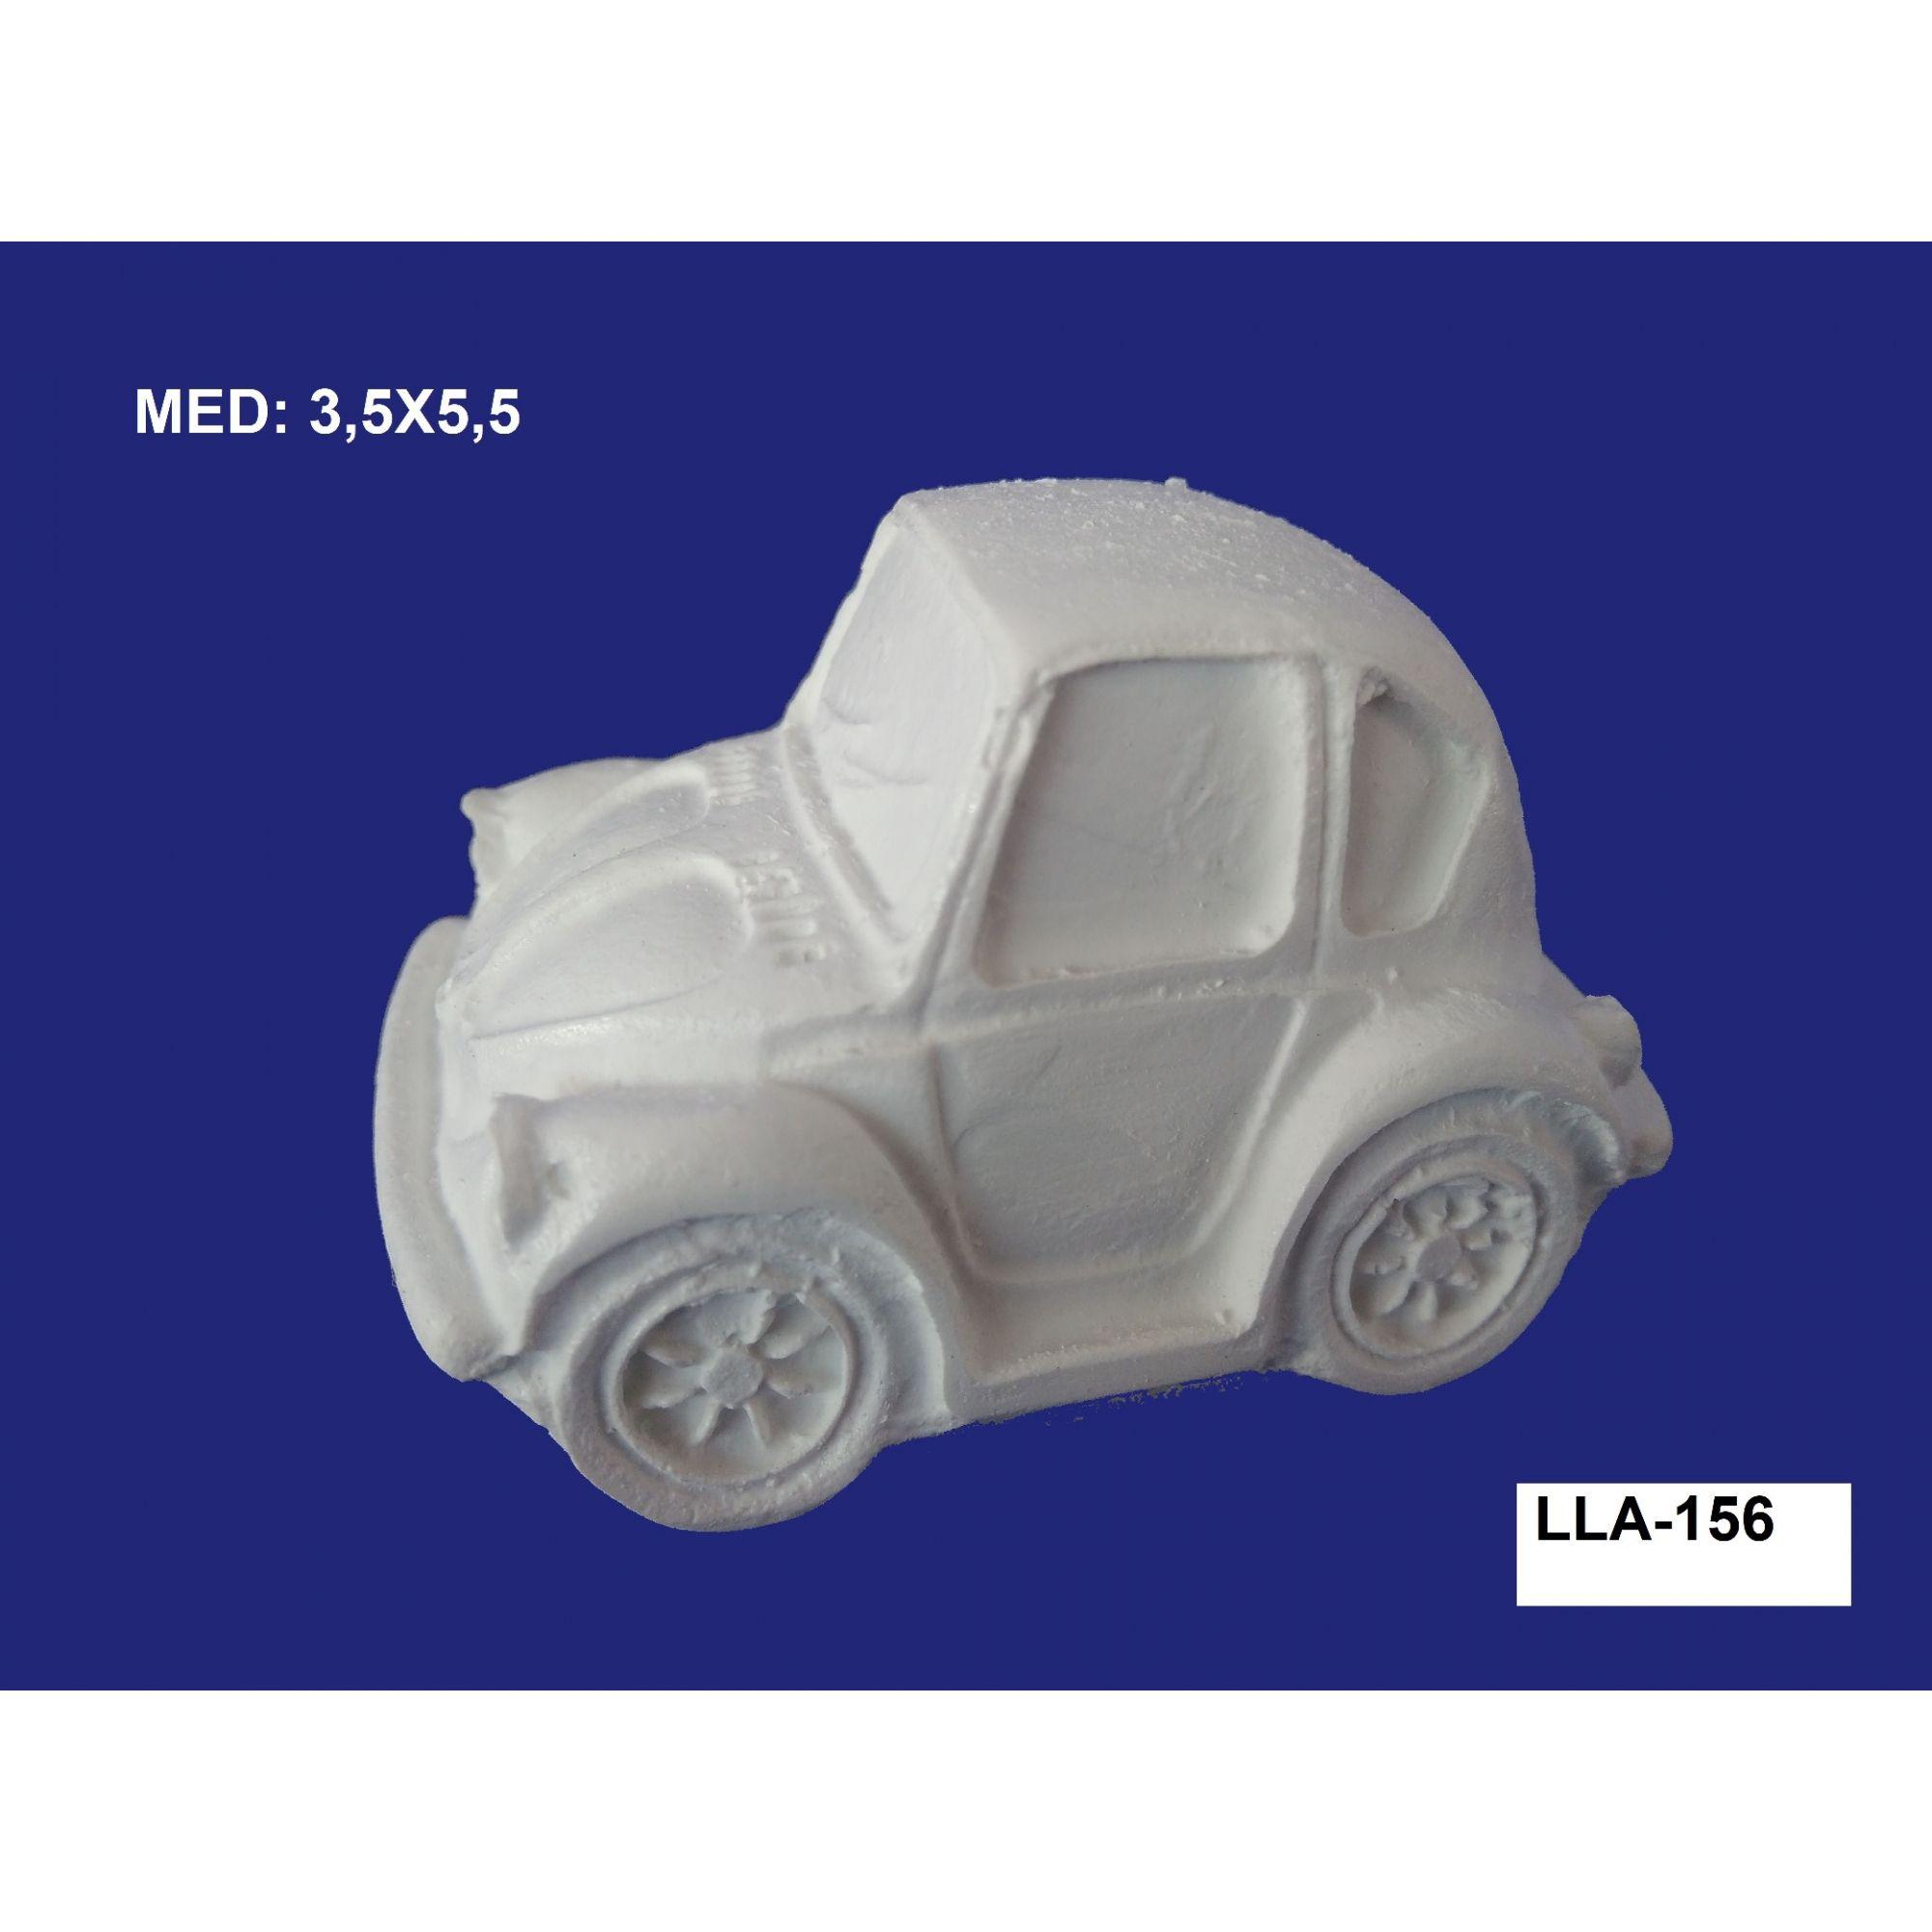 LLA-156 FUSCA 3D 3,5X5,5CM